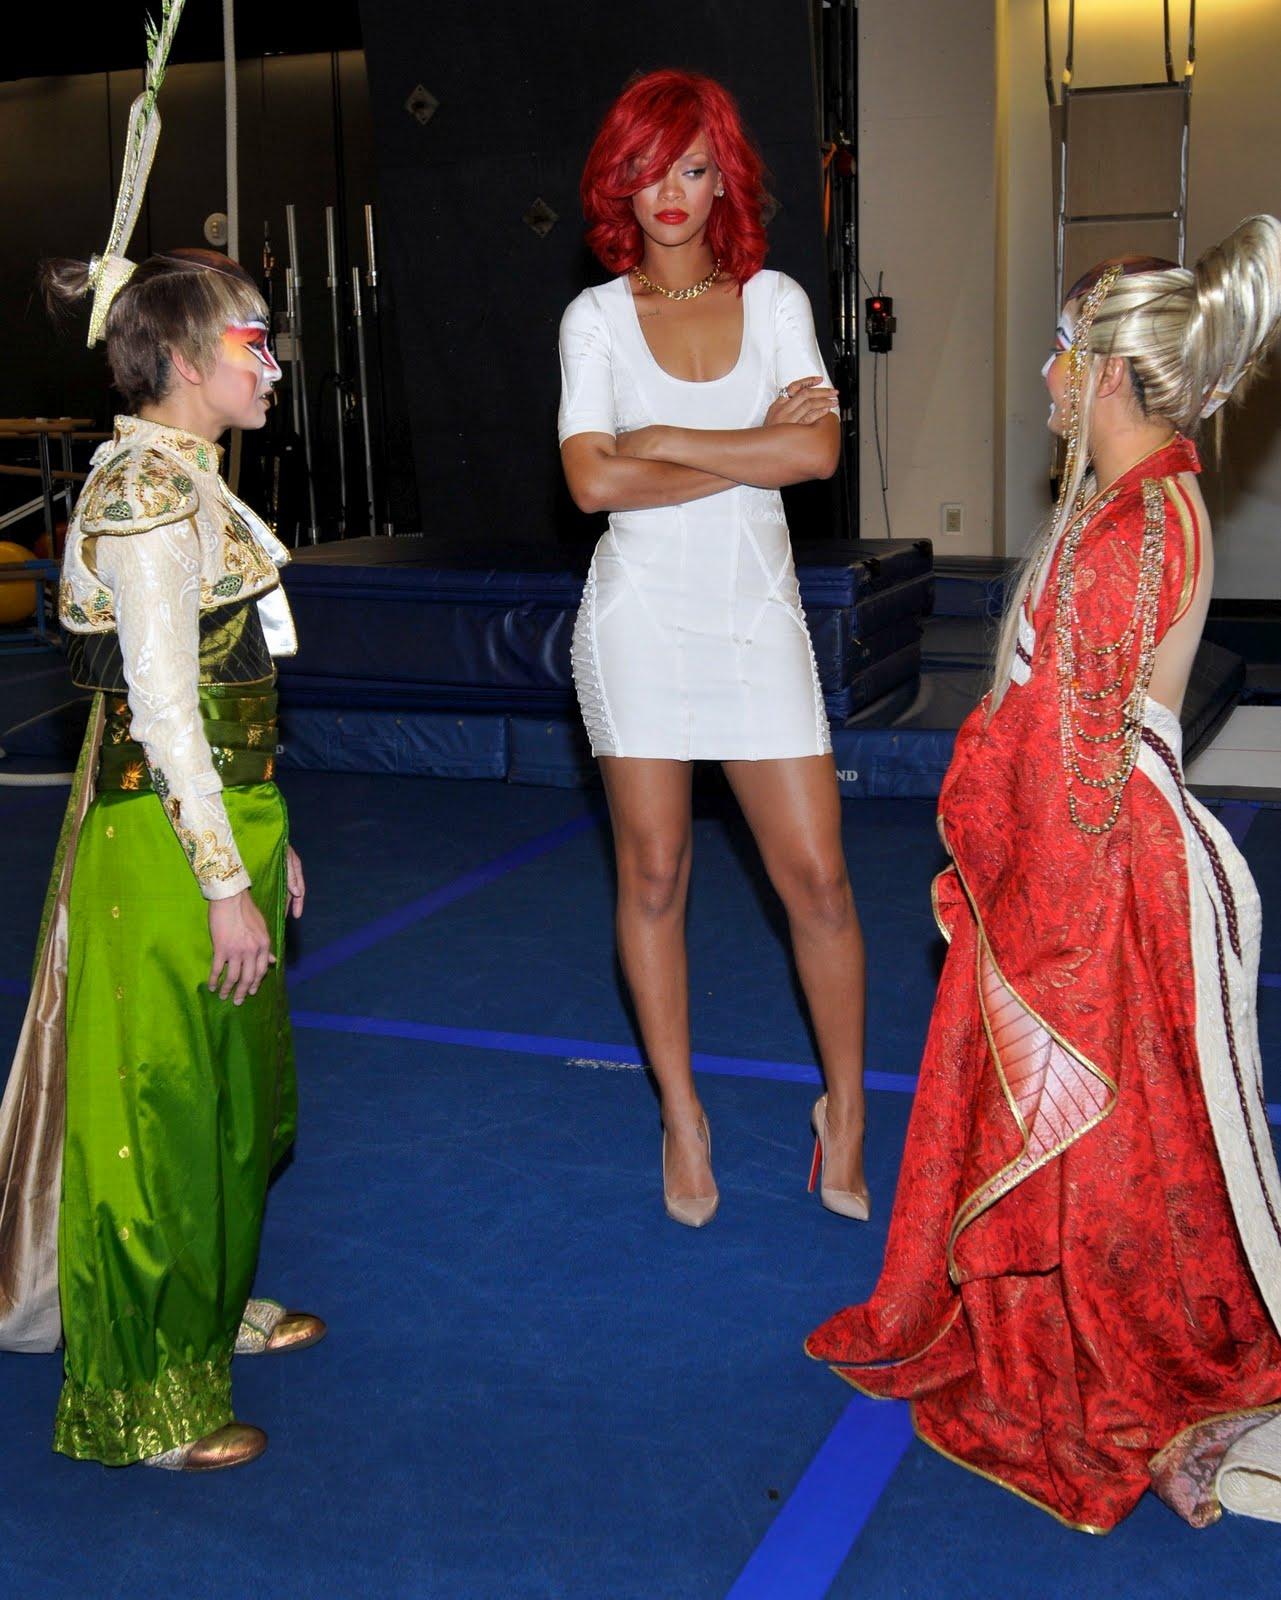 http://3.bp.blogspot.com/_rPuhgiGm-xw/TKtyKPPpvPI/AAAAAAAABv0/m_3FPpKDU-Q/s1600/Rihanna-and-Katty-Perry-8.jpg